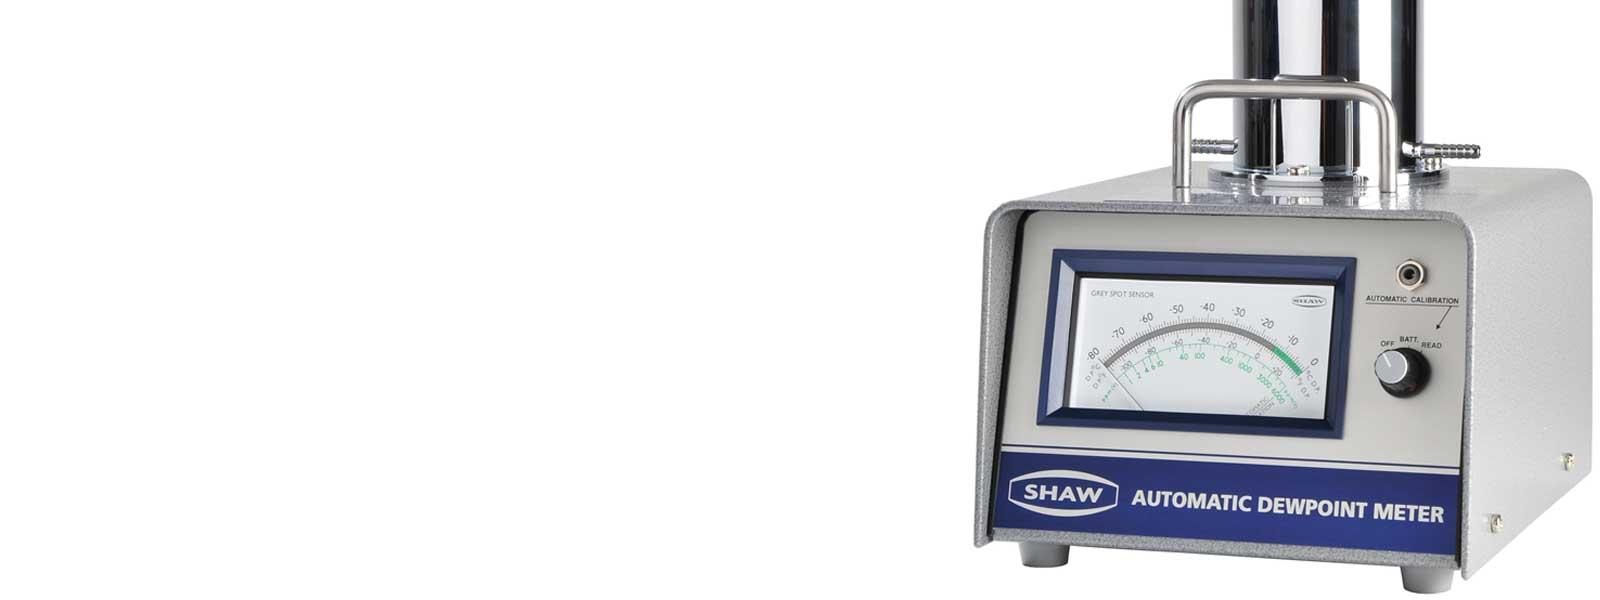 SHAW SADP Dewpoint Meter